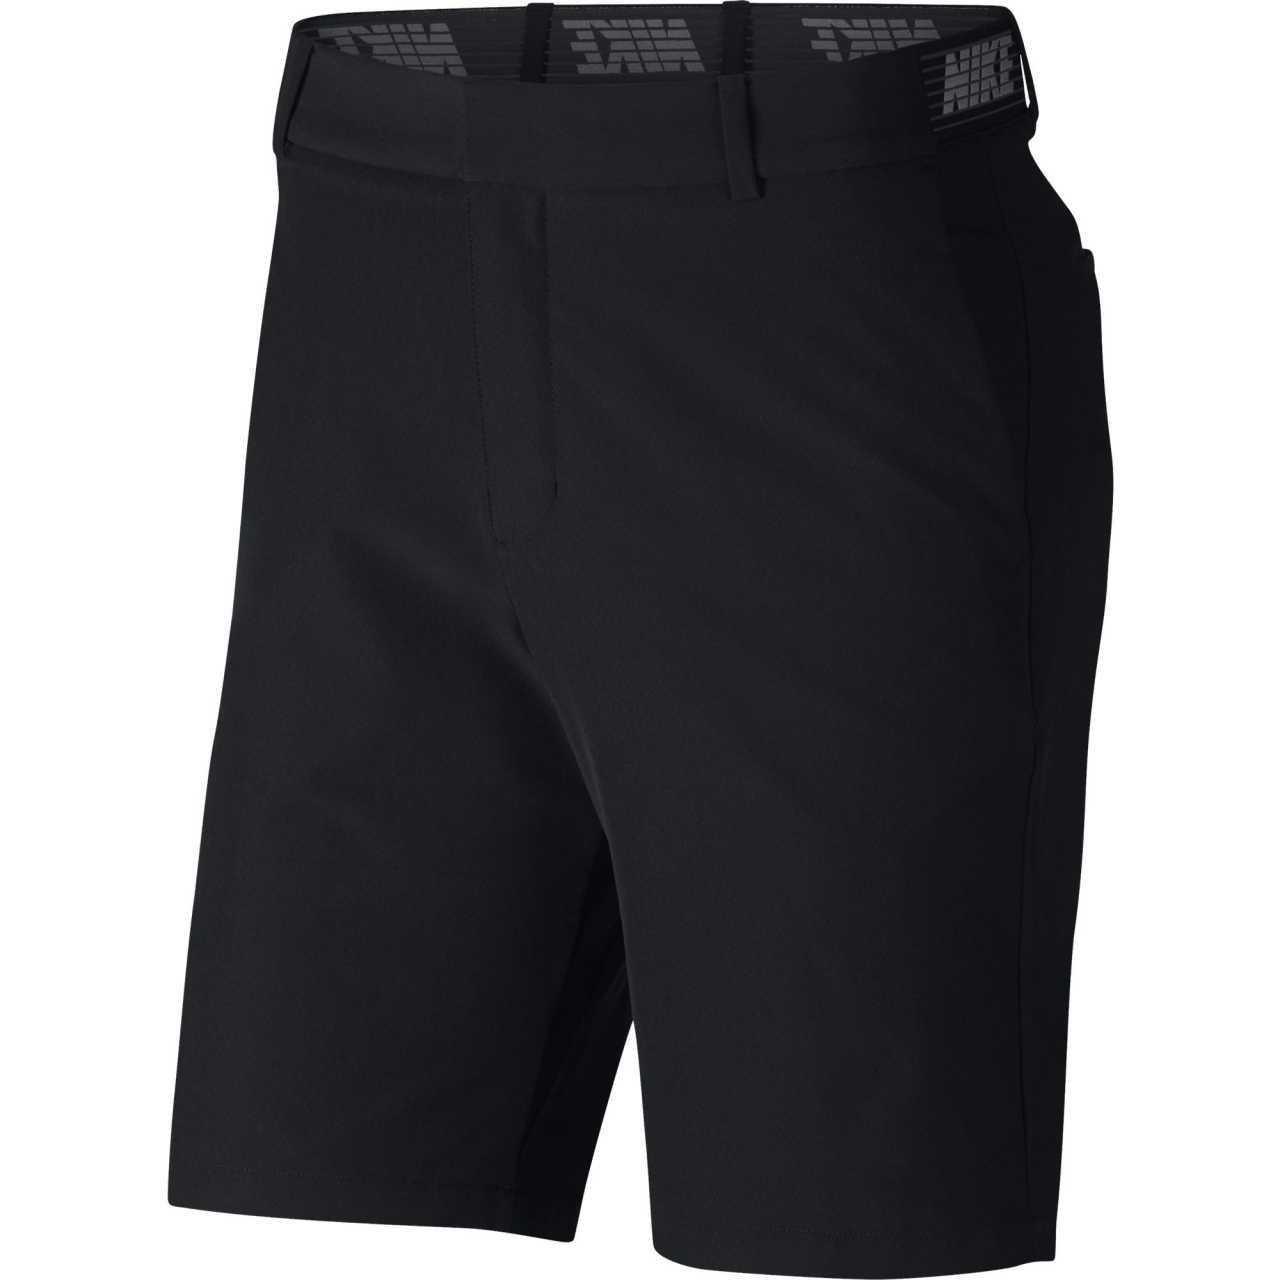 Nike Flex Golf Short Herren schwarz